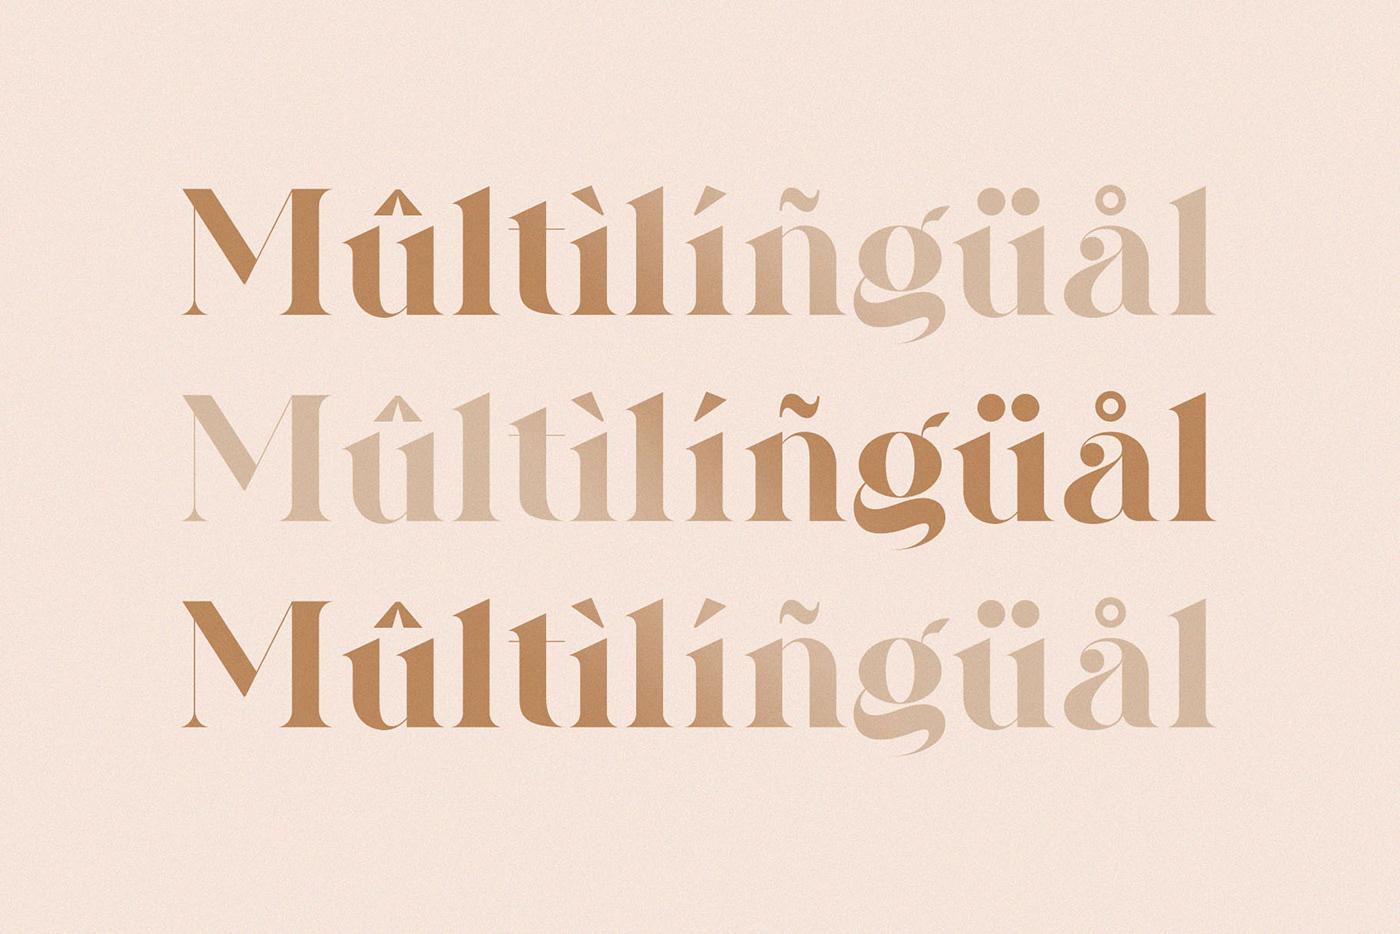 display font font ligature ligature font logo font modern font serif Serif Font Typeface typography